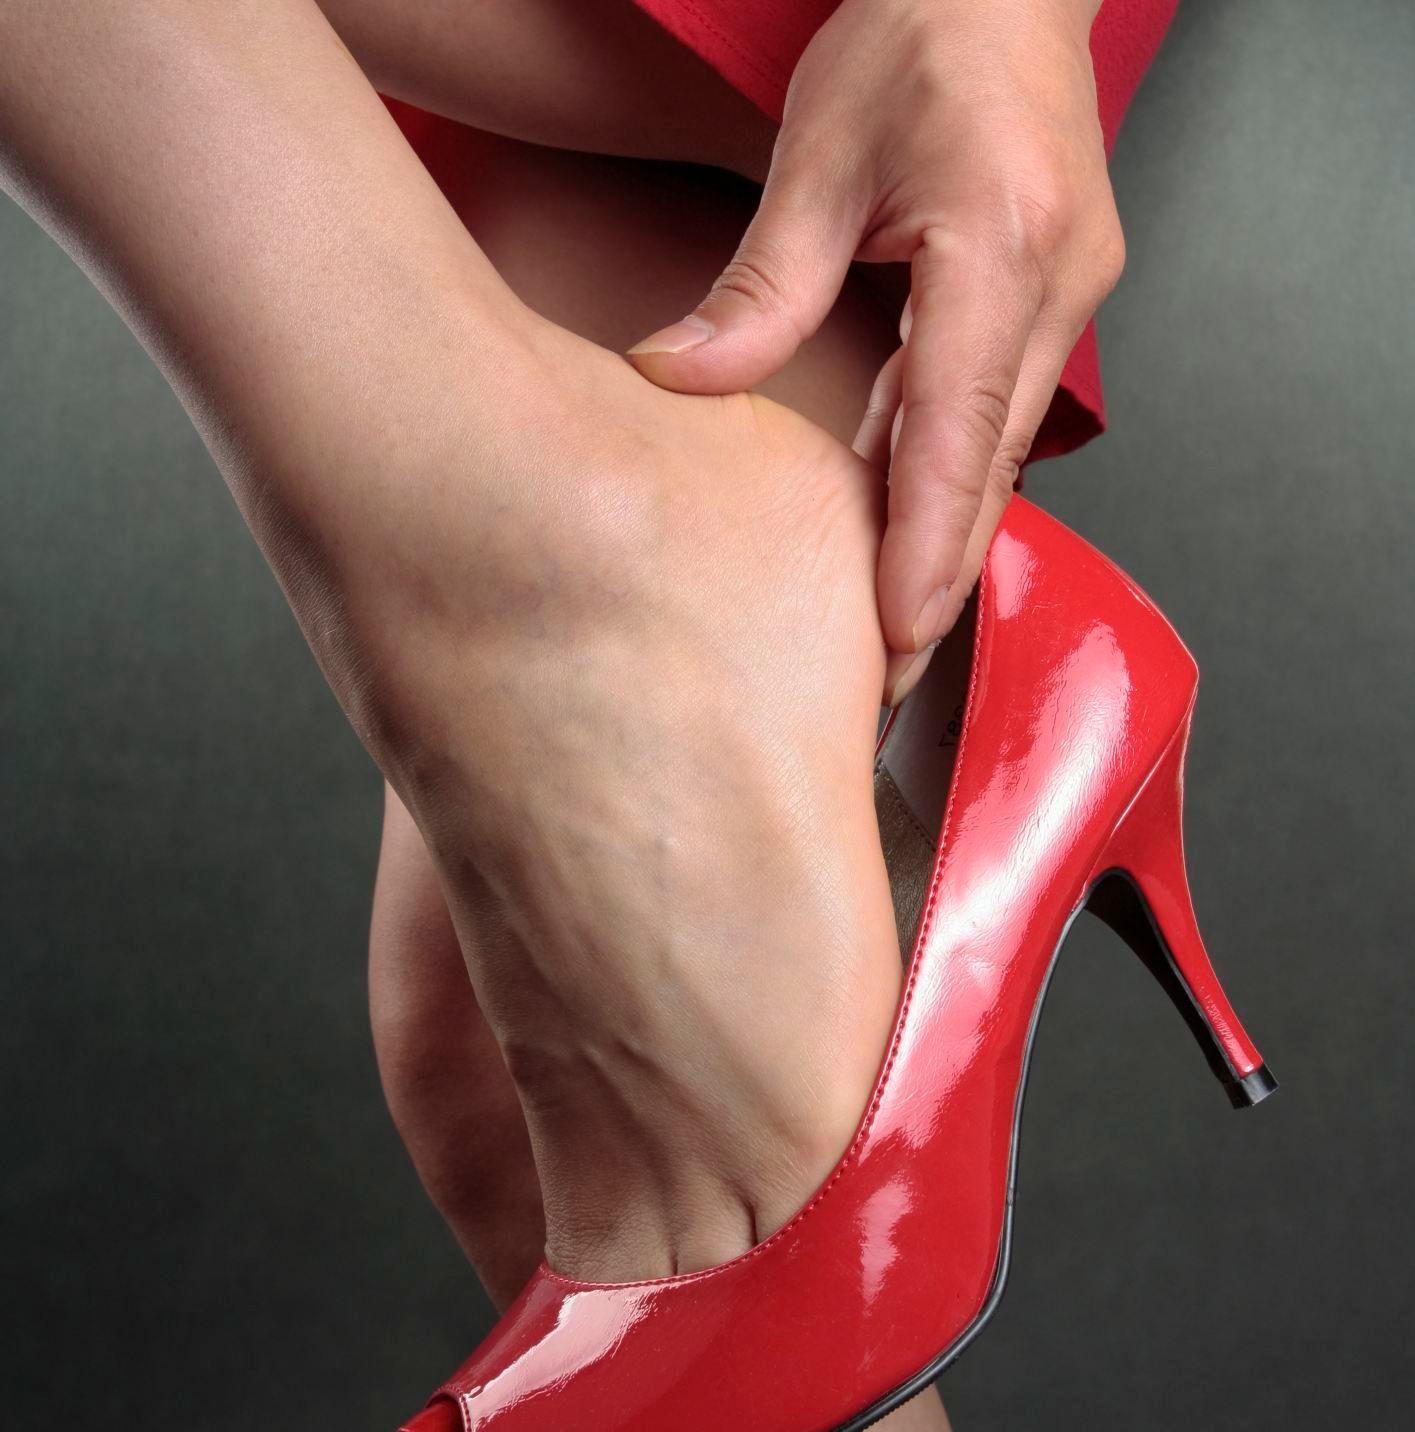 Nejhorší letní boty  Vysoké podpatky i placaté žabky - Žena.cz - magazín  pro ženy a7feeb1282